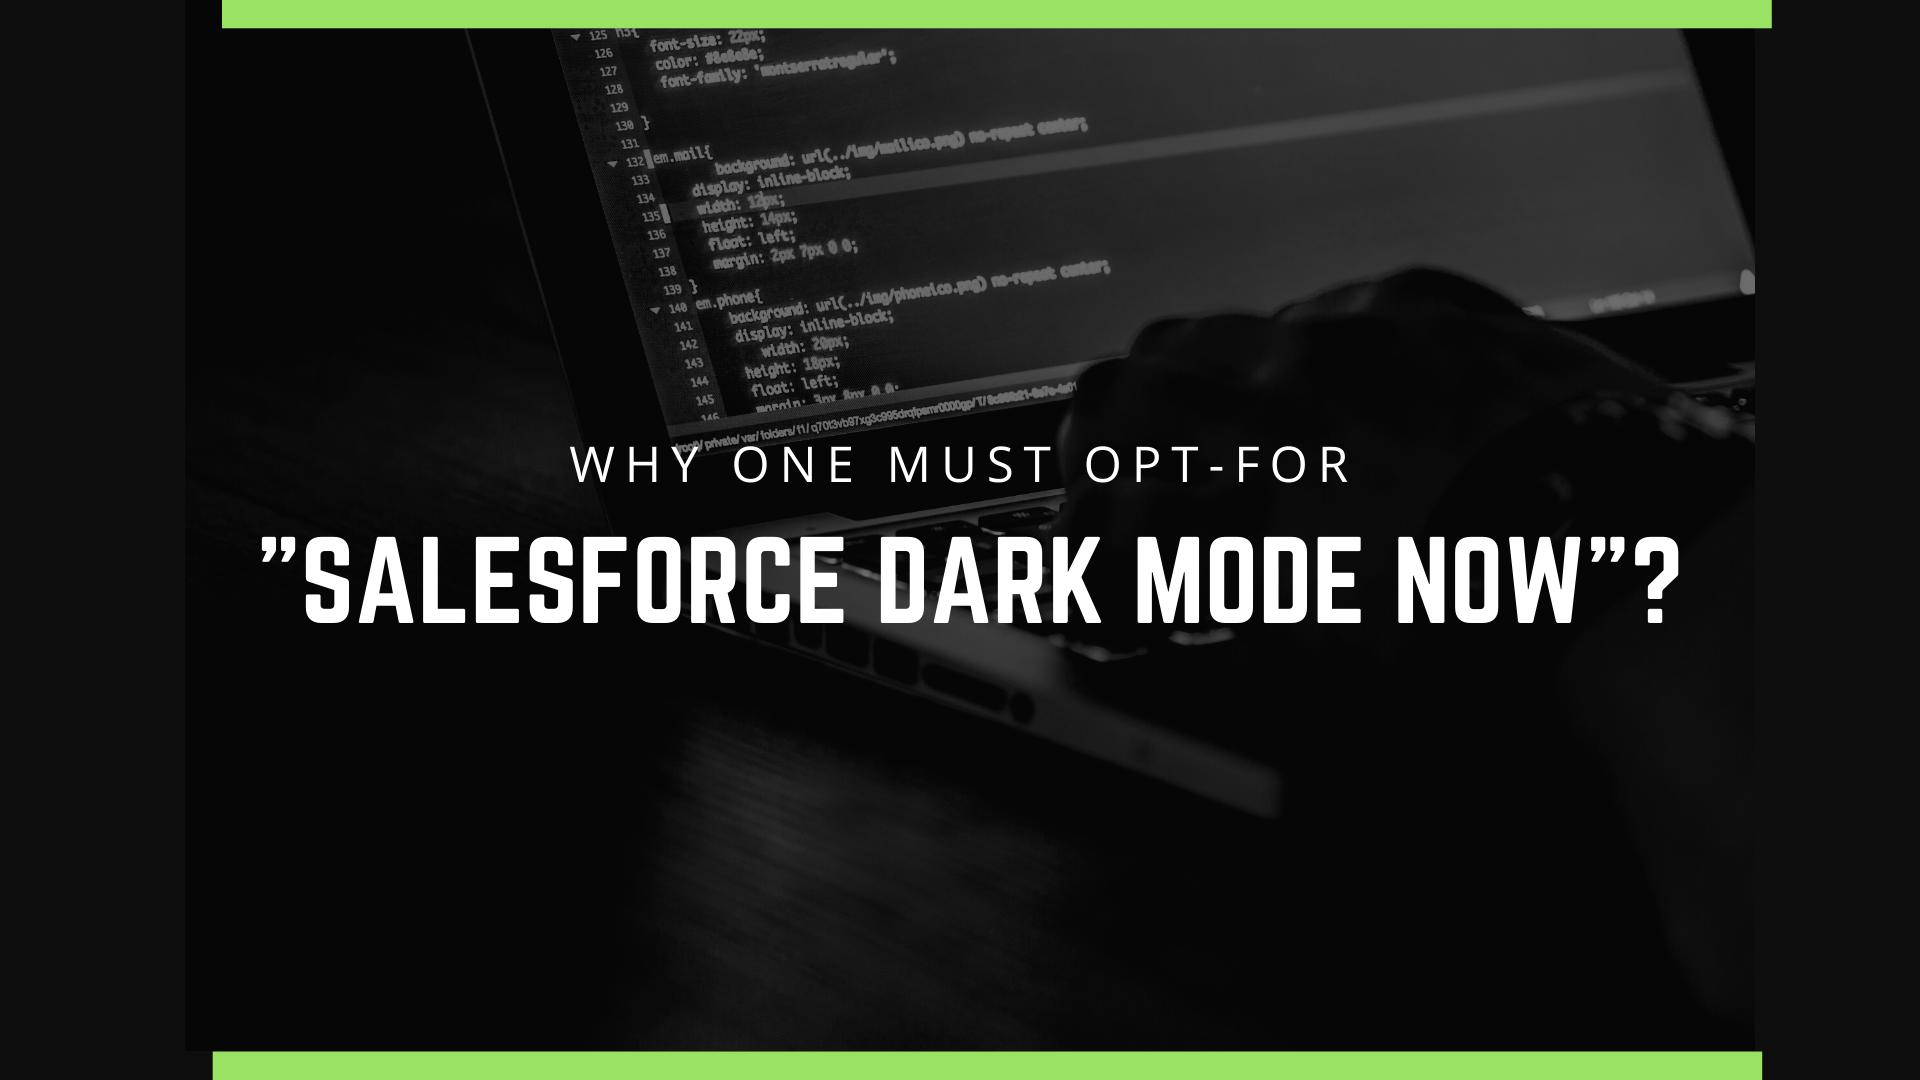 Opt-for Salesforce Dark Mode